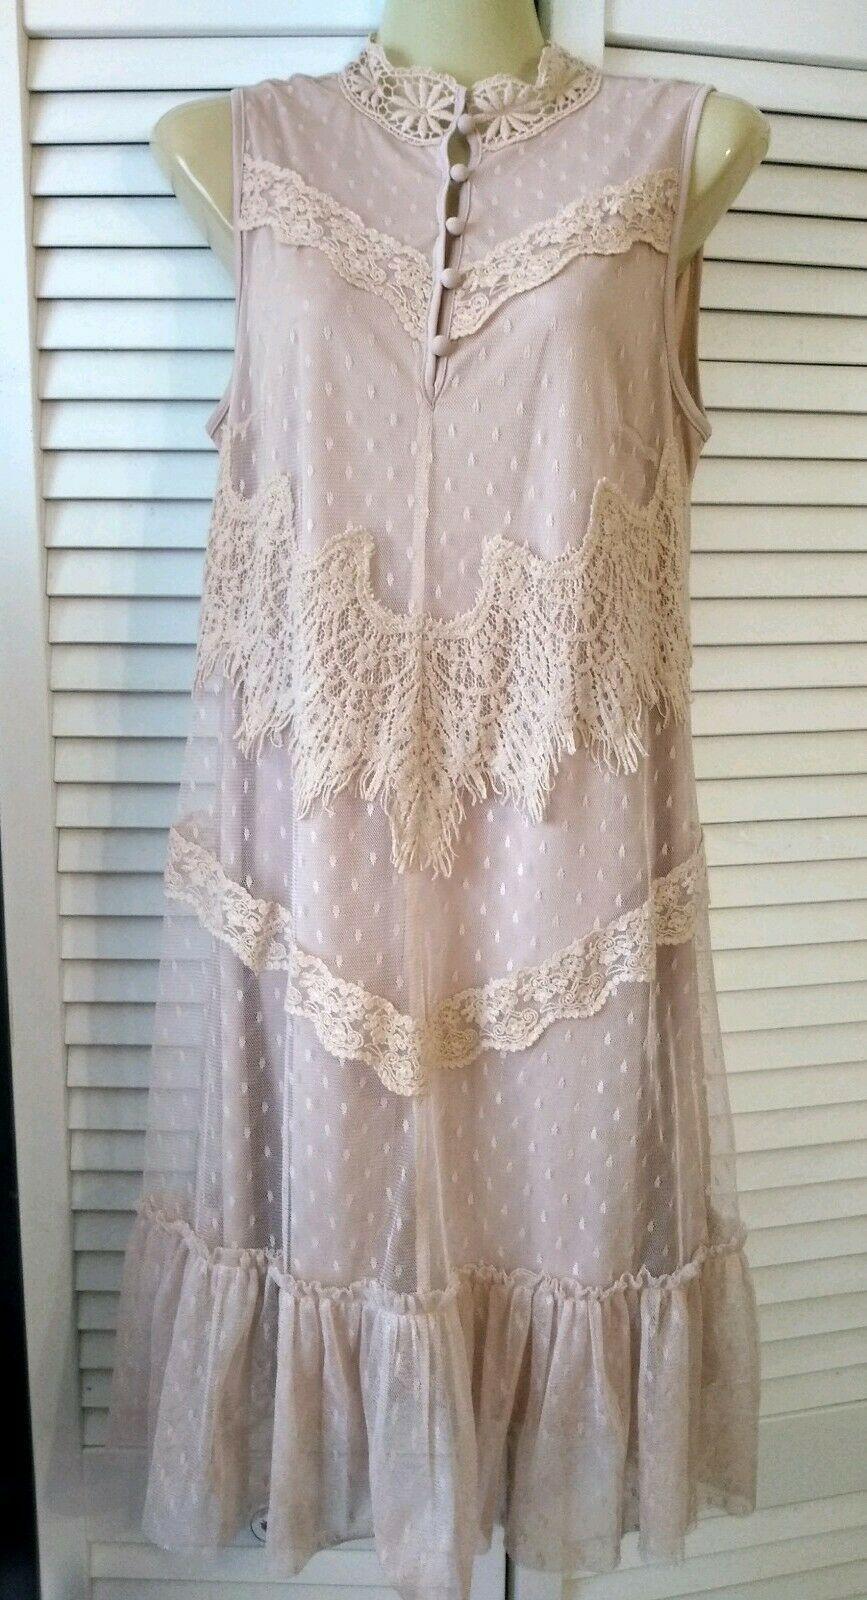 H&M Ivory Crotchet Layered Sun Dress Size 12